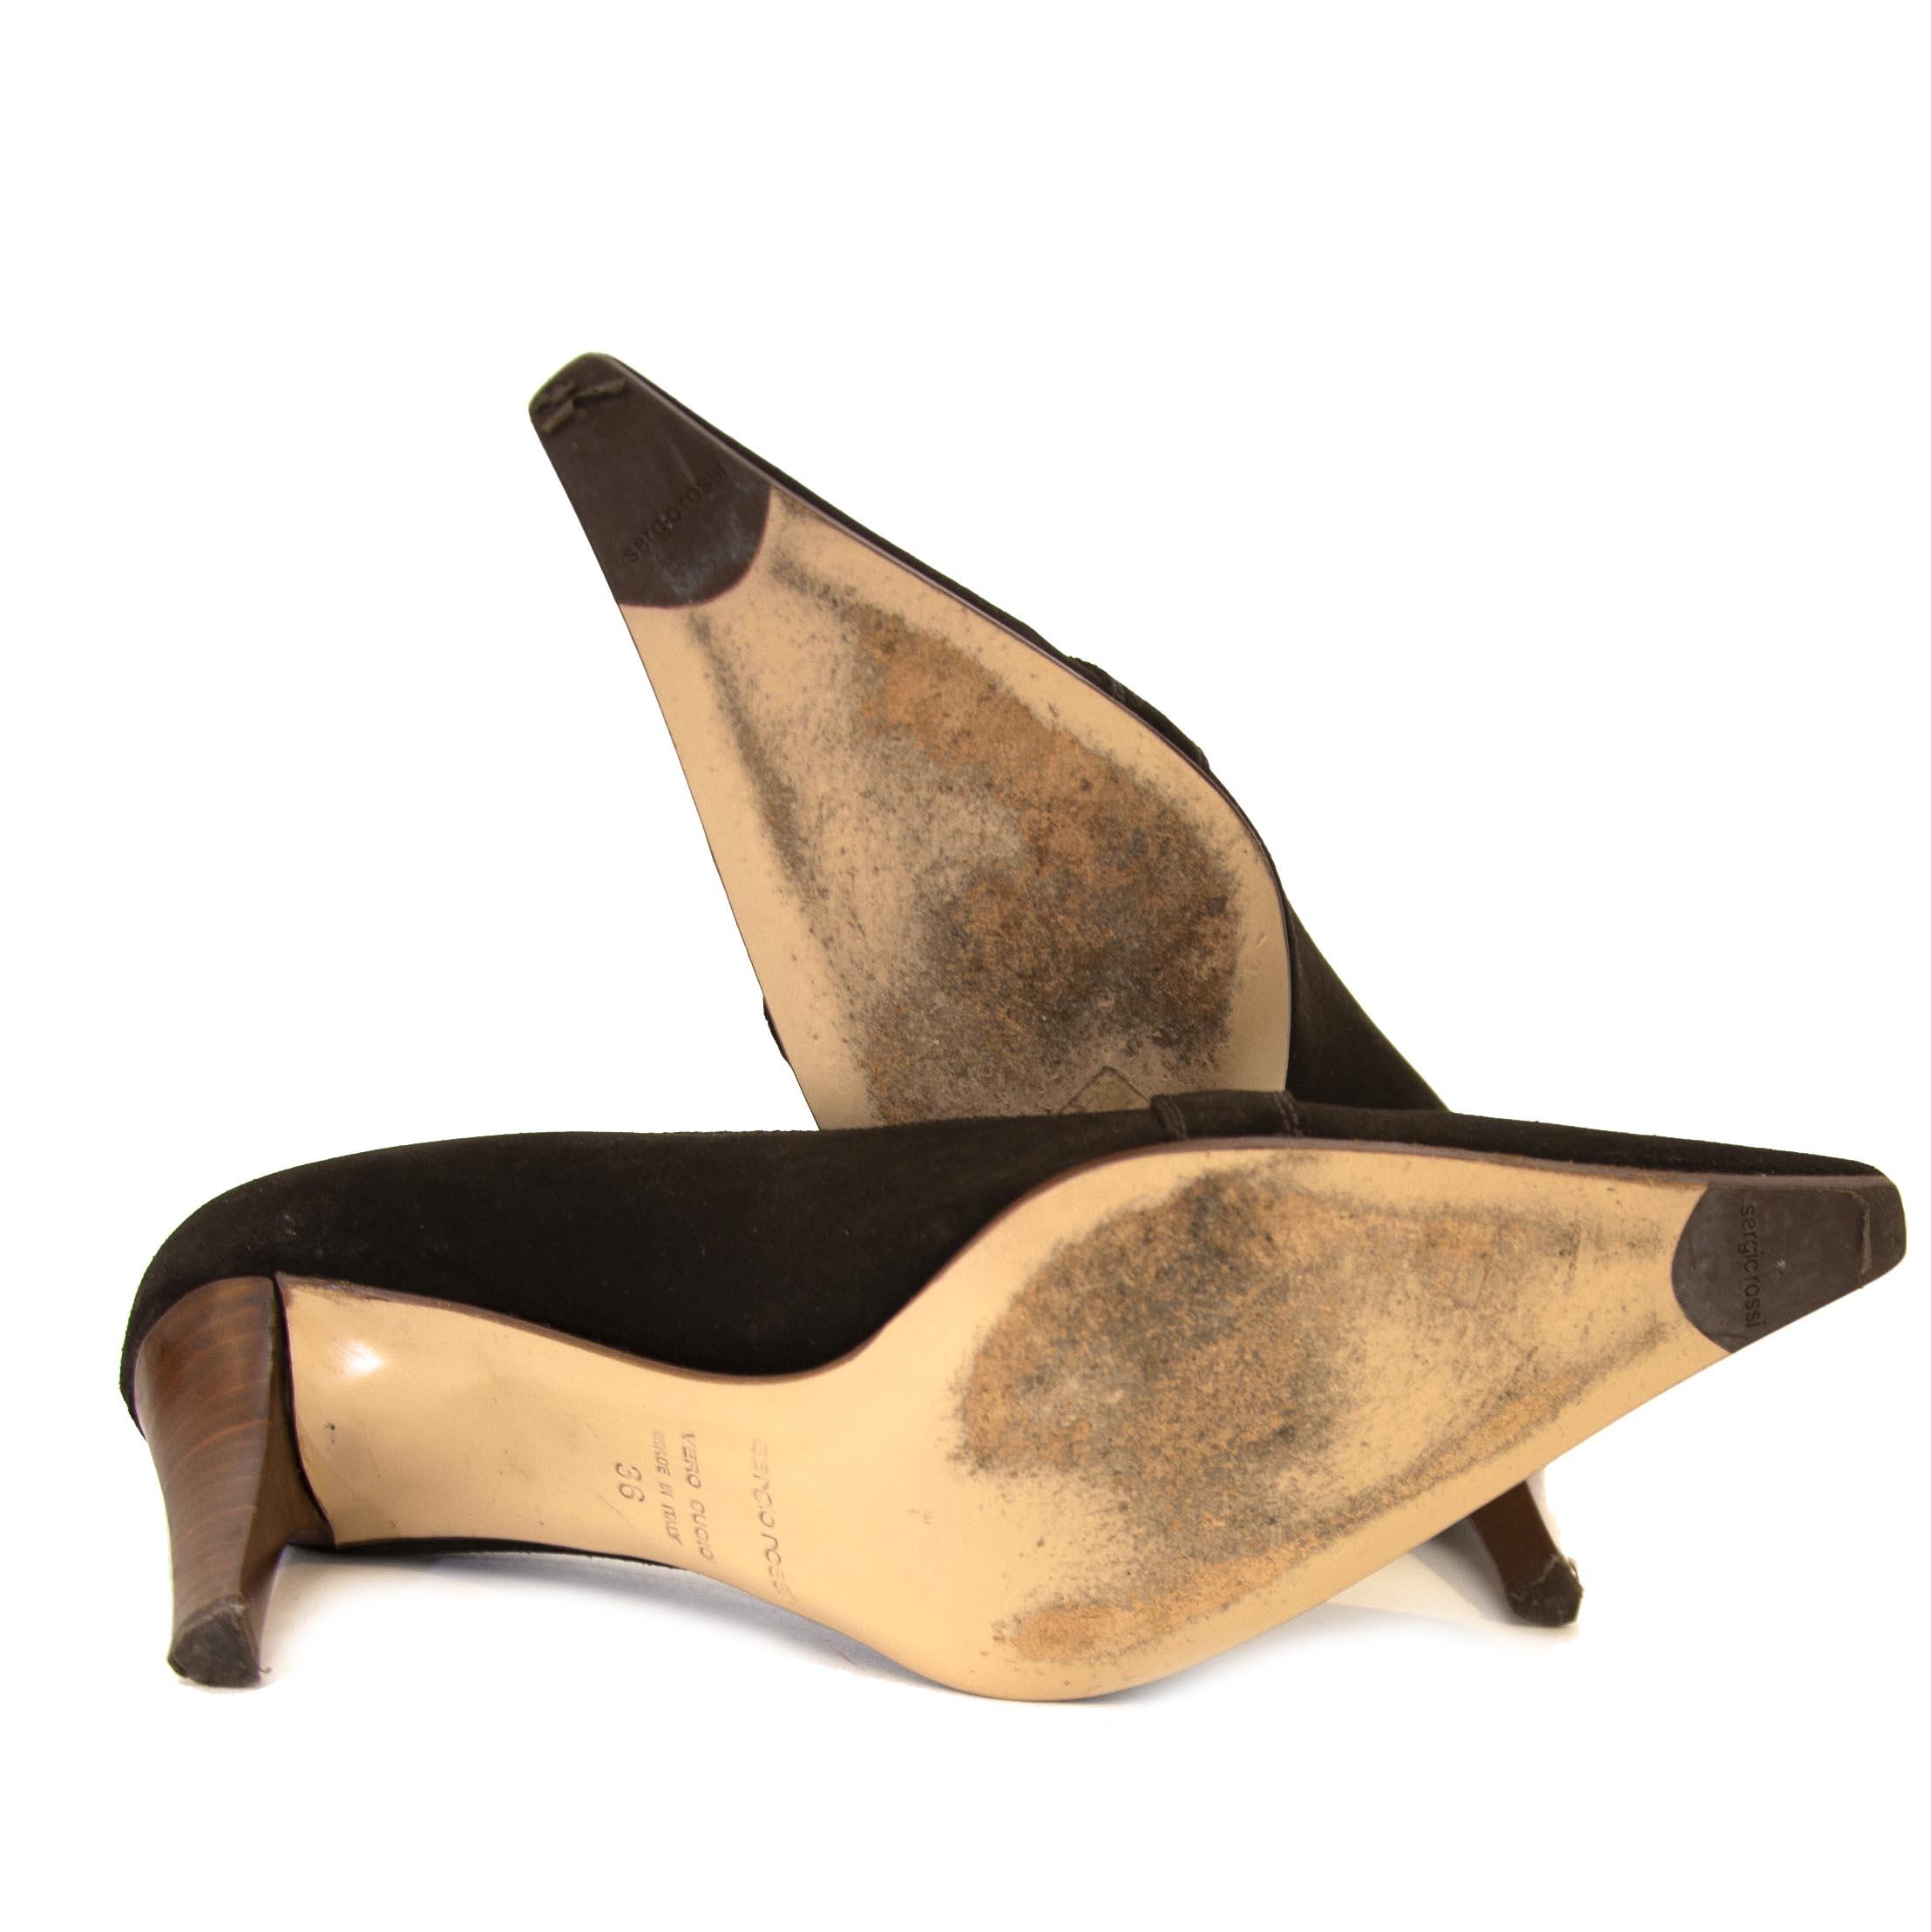 Koop authentiek Sergio Rossi schoenen aan de juiste prijs bij LabelLOV vintage webshop.